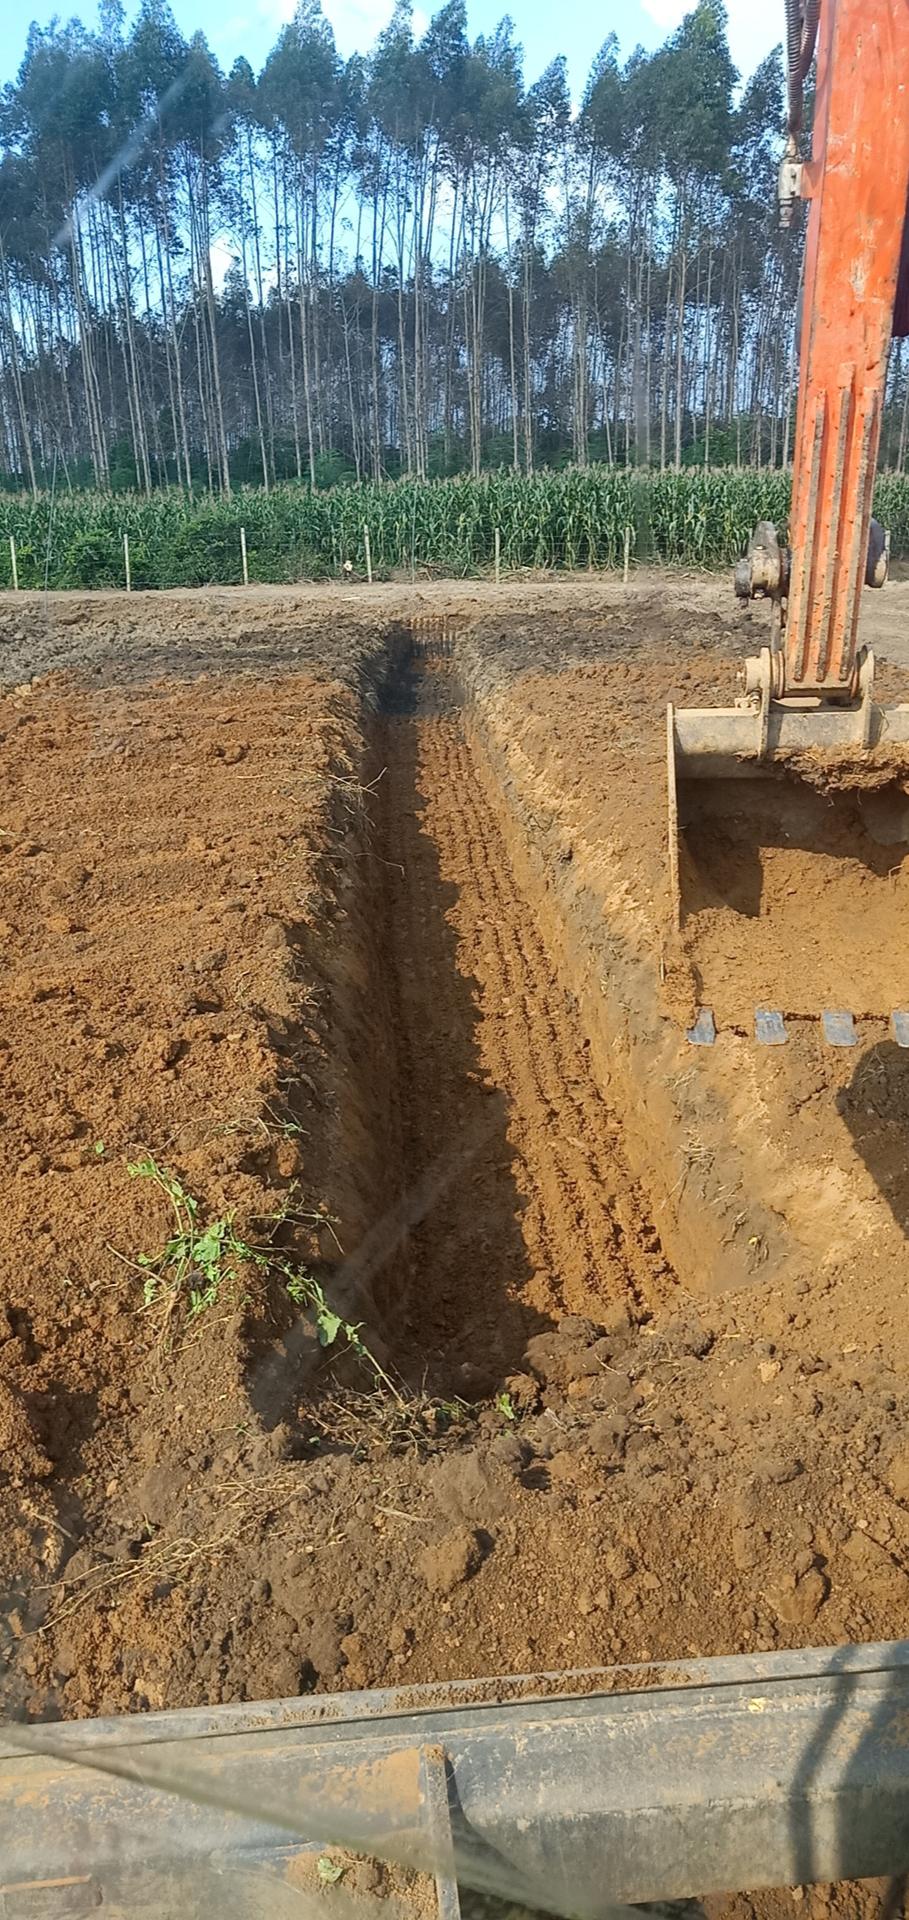 太难了,太难了,怎么挖都挖不直呢?